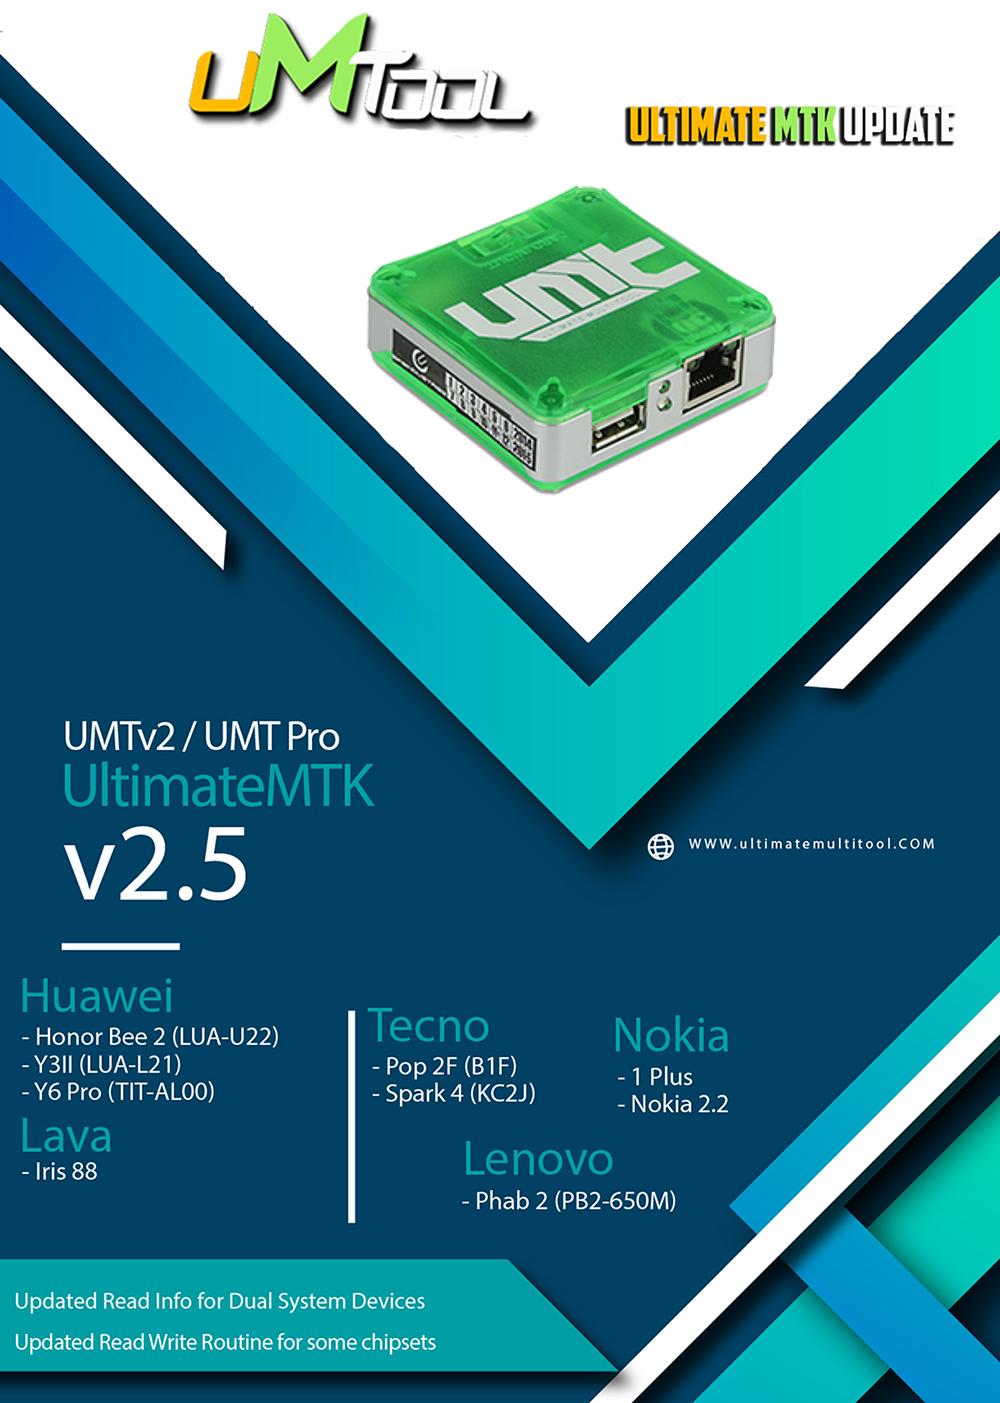 UMT Pro UltimateMTK v2.5